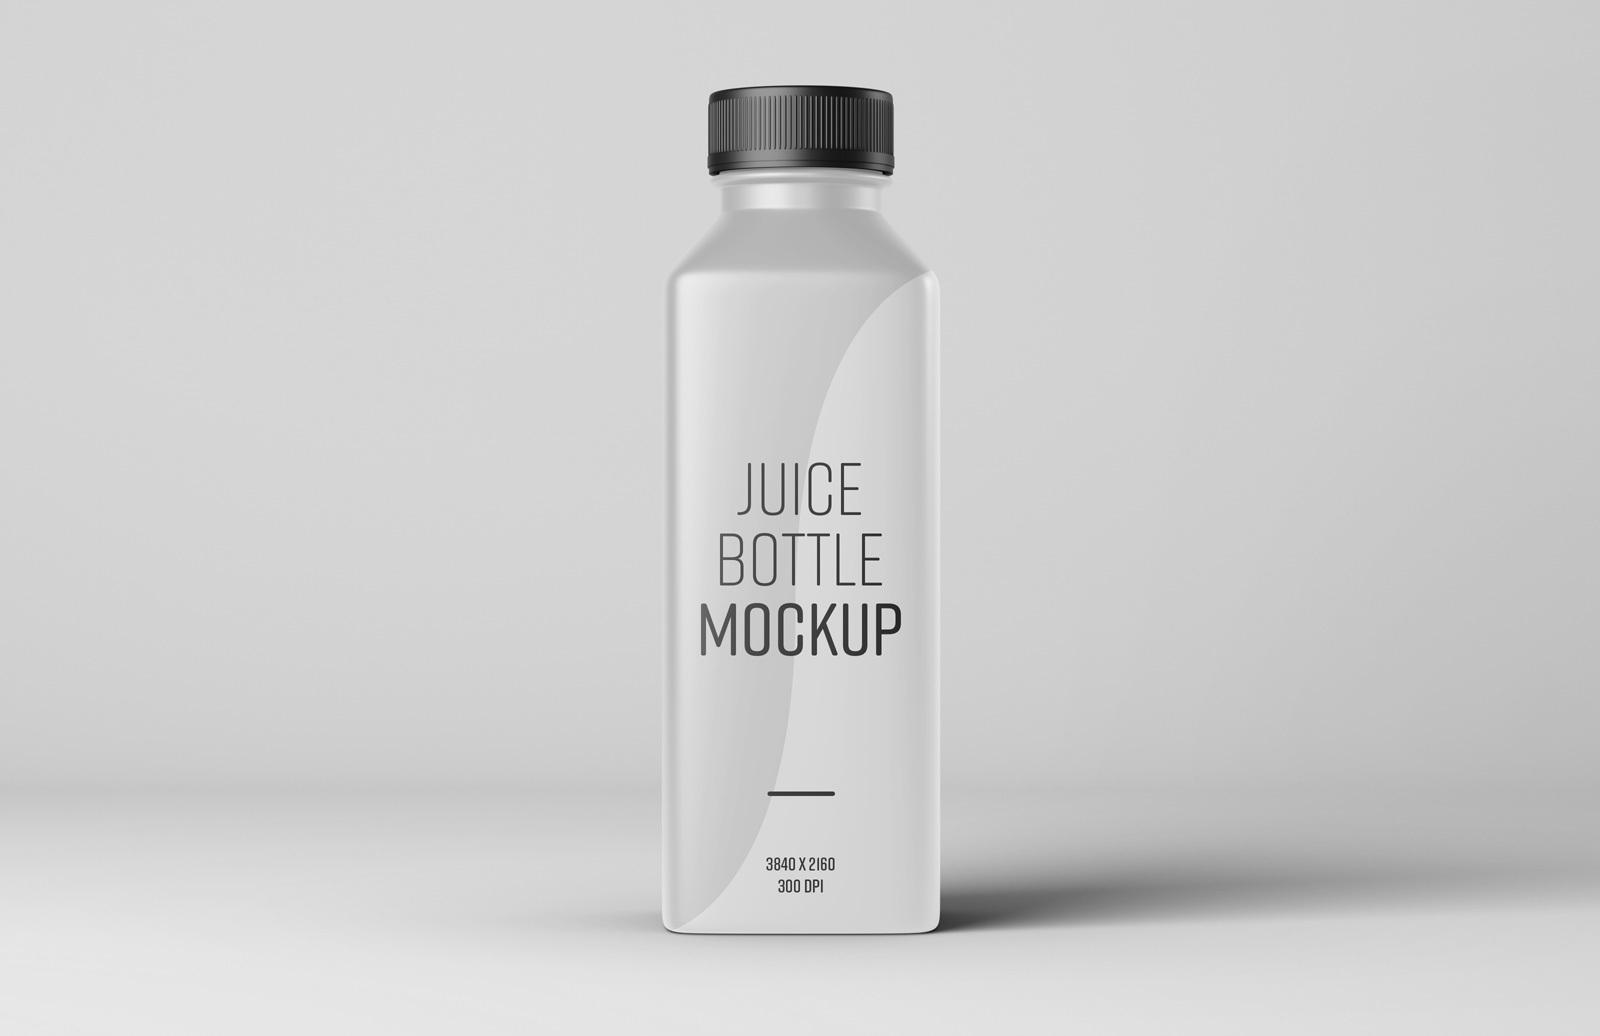 Juice Bottle Mockup Preview 1